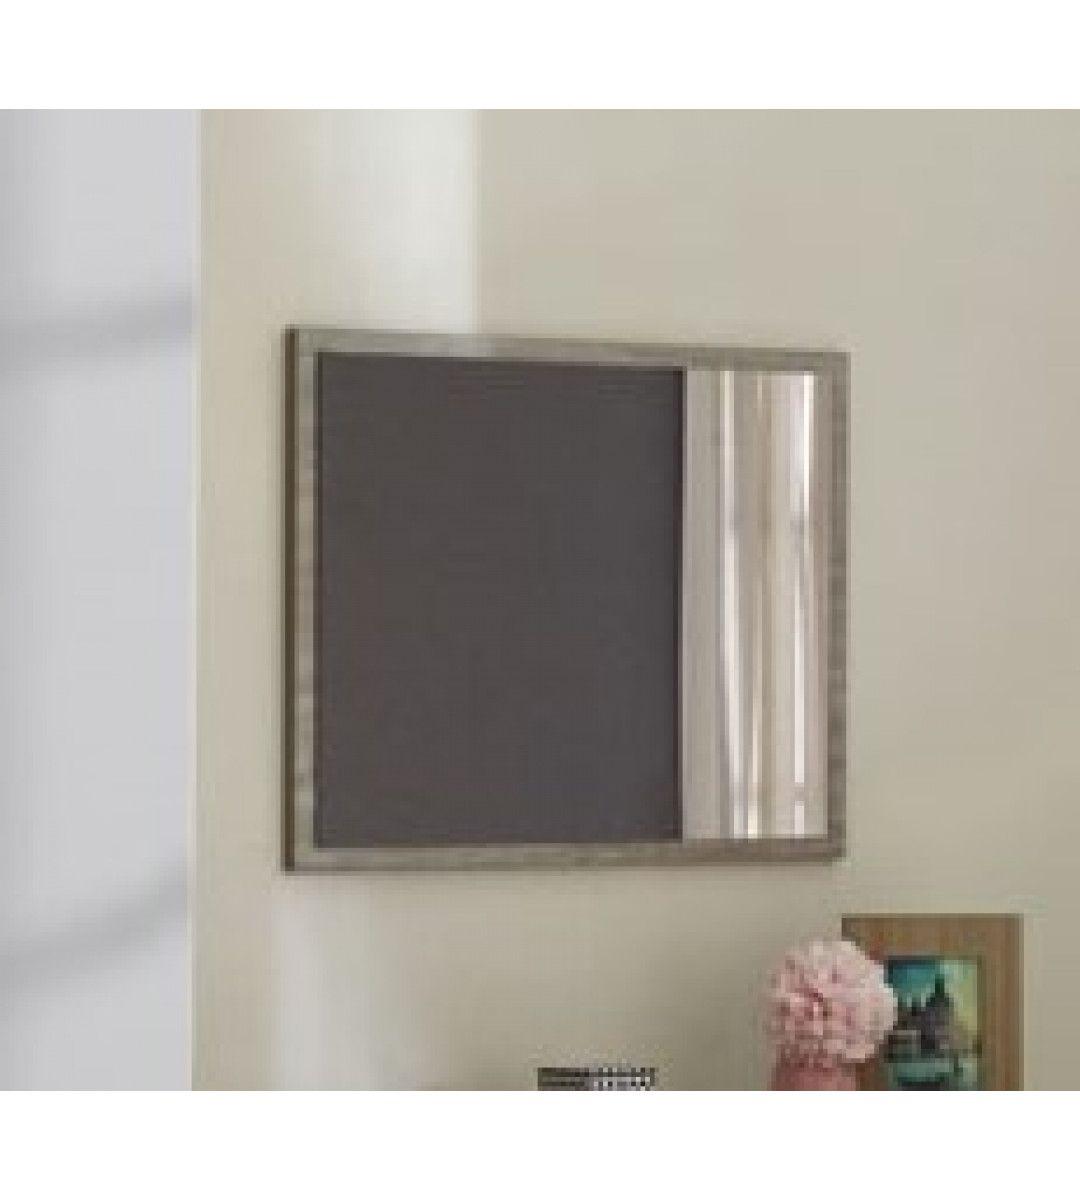 Miroirs de chambres - Les compléments pas cher - Trocity